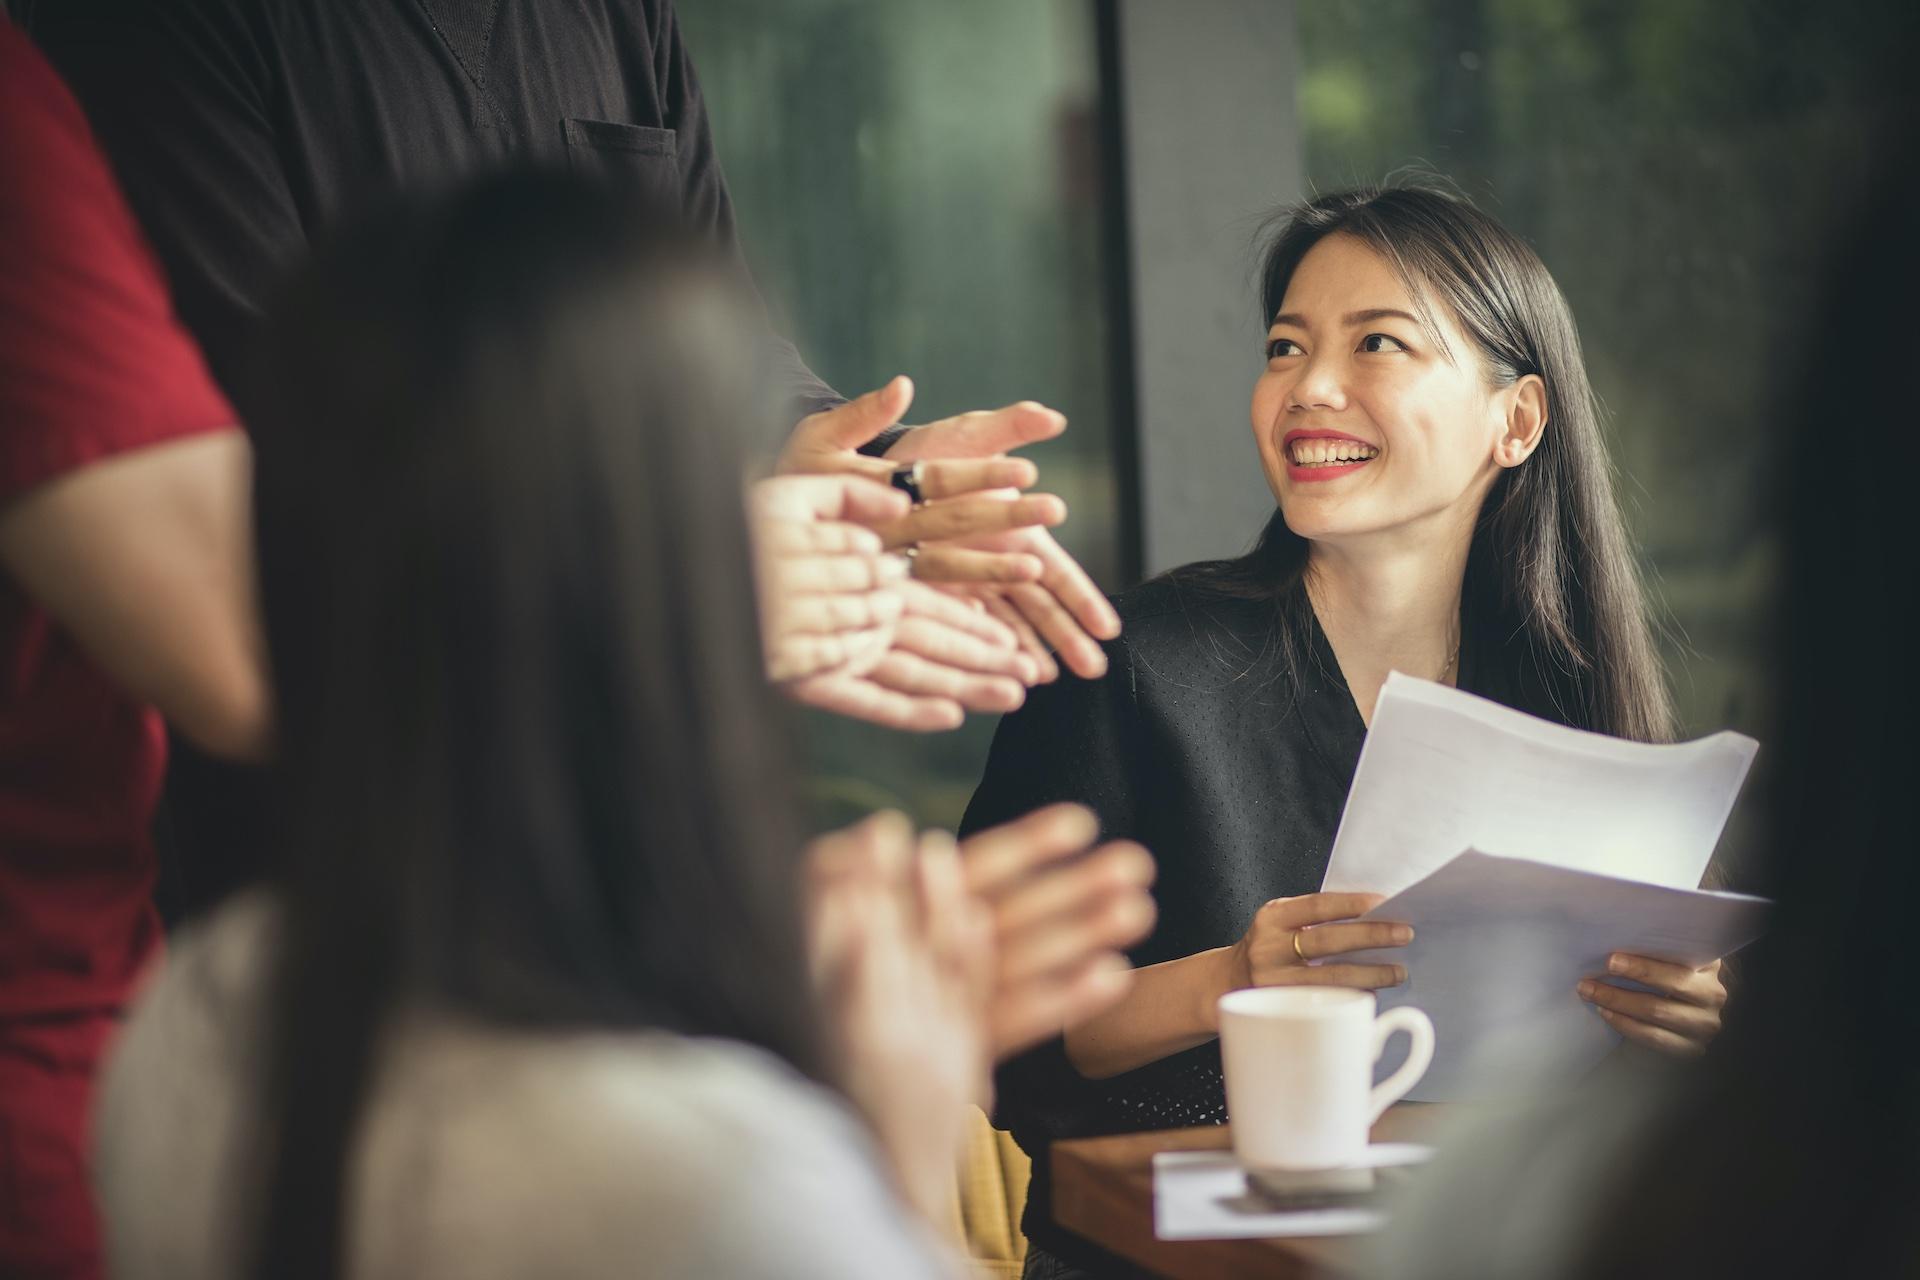 Frau bei einem Meeting, die glücklich lächelt